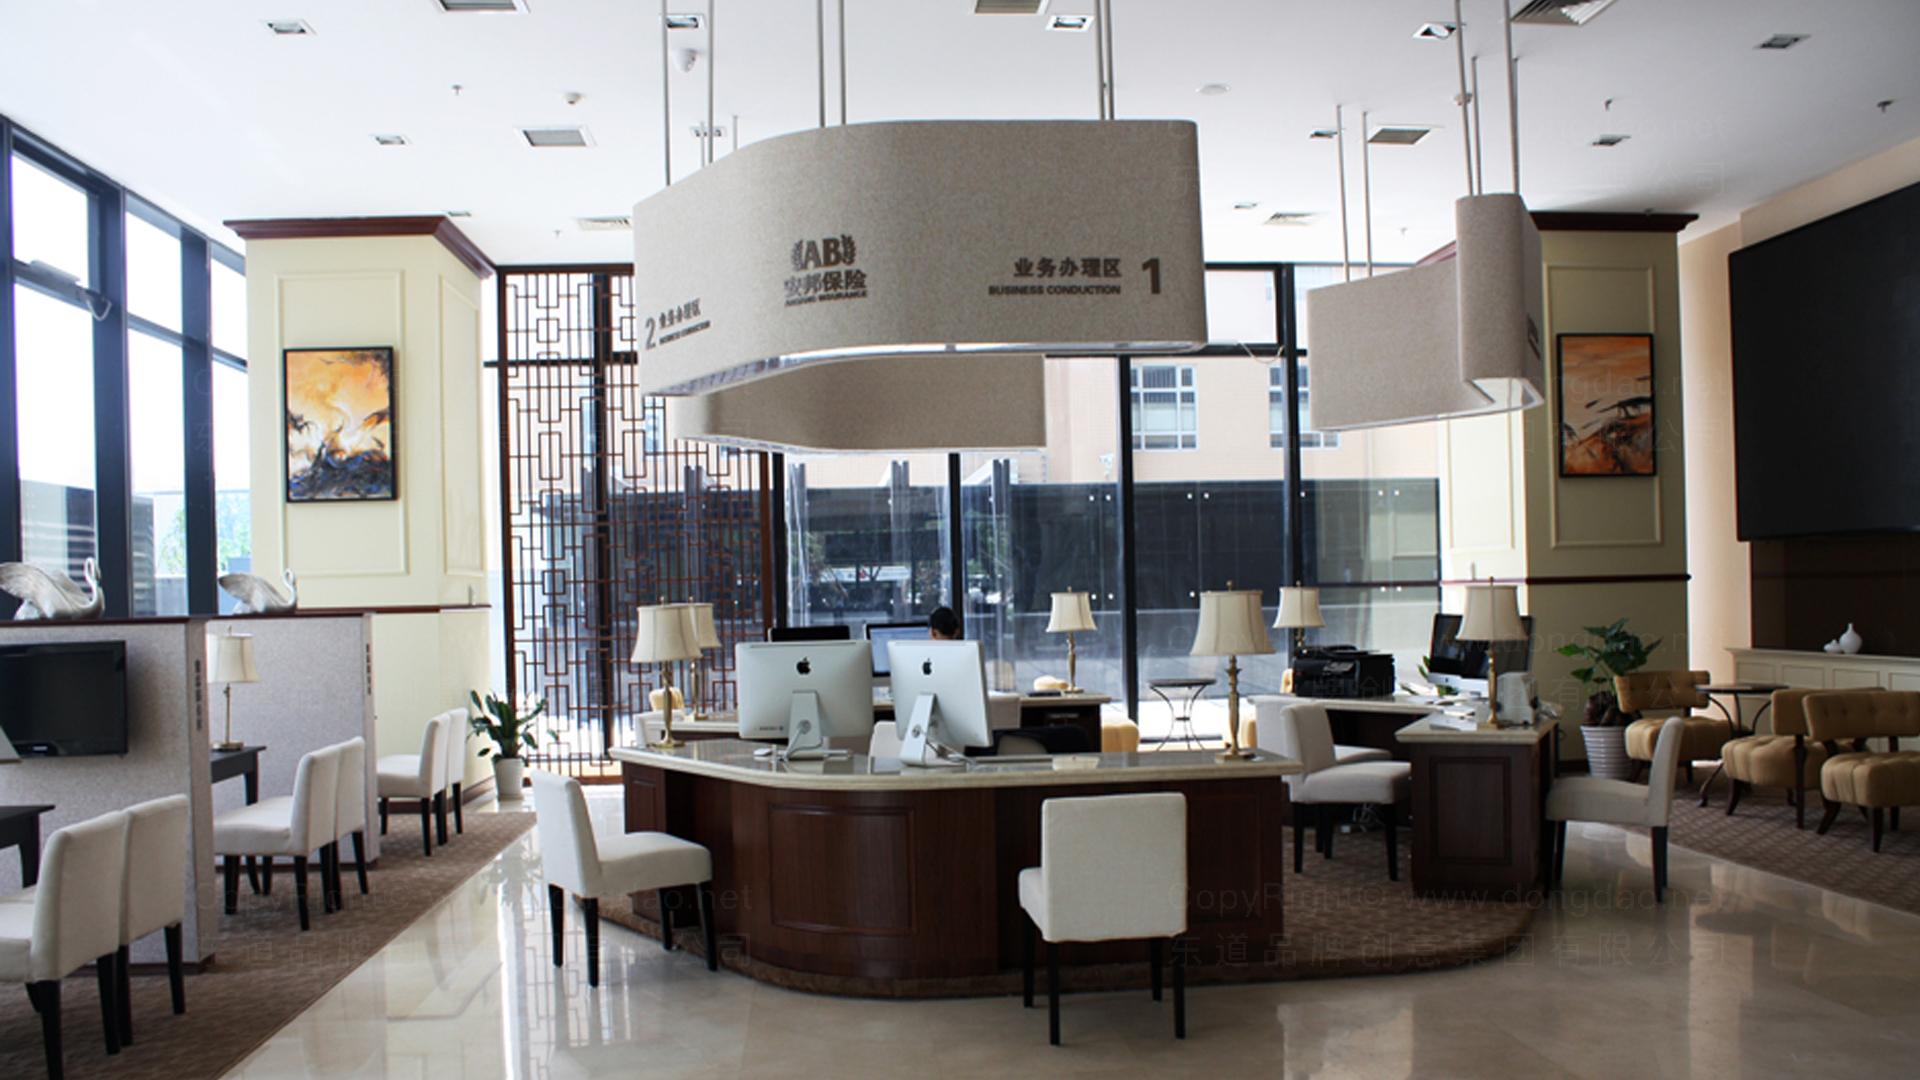 银行金融商业空间&导示安邦保险店面SI设计